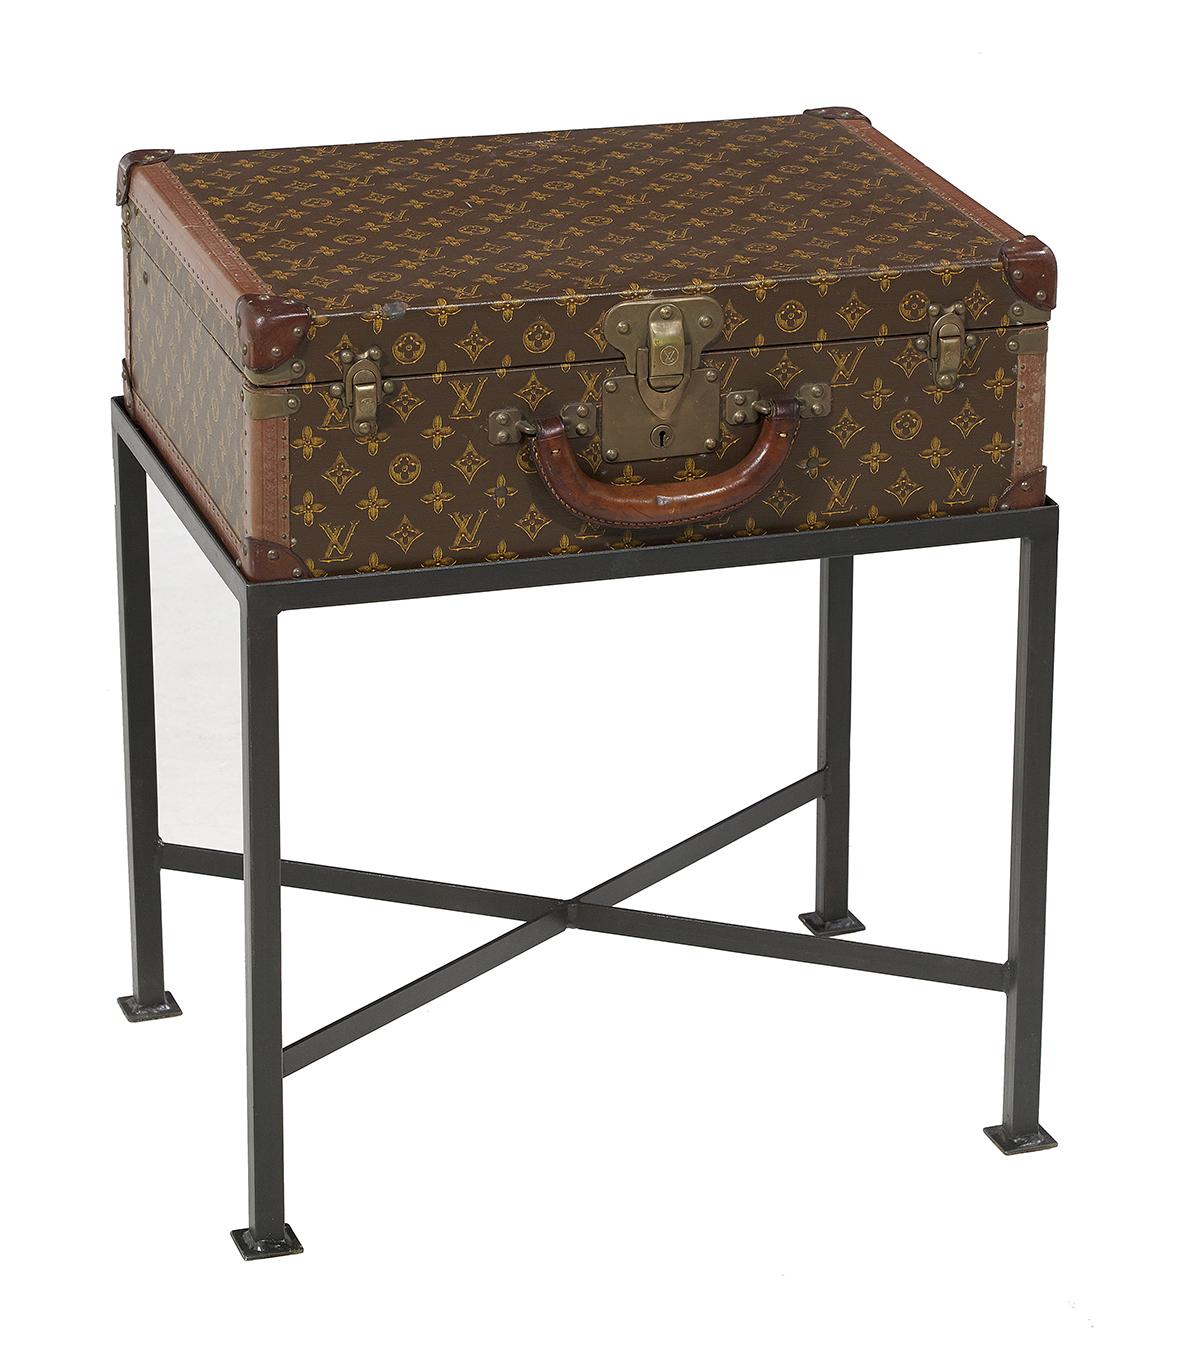 Lot 781 - Vintage Louis Vuitton Suitcase